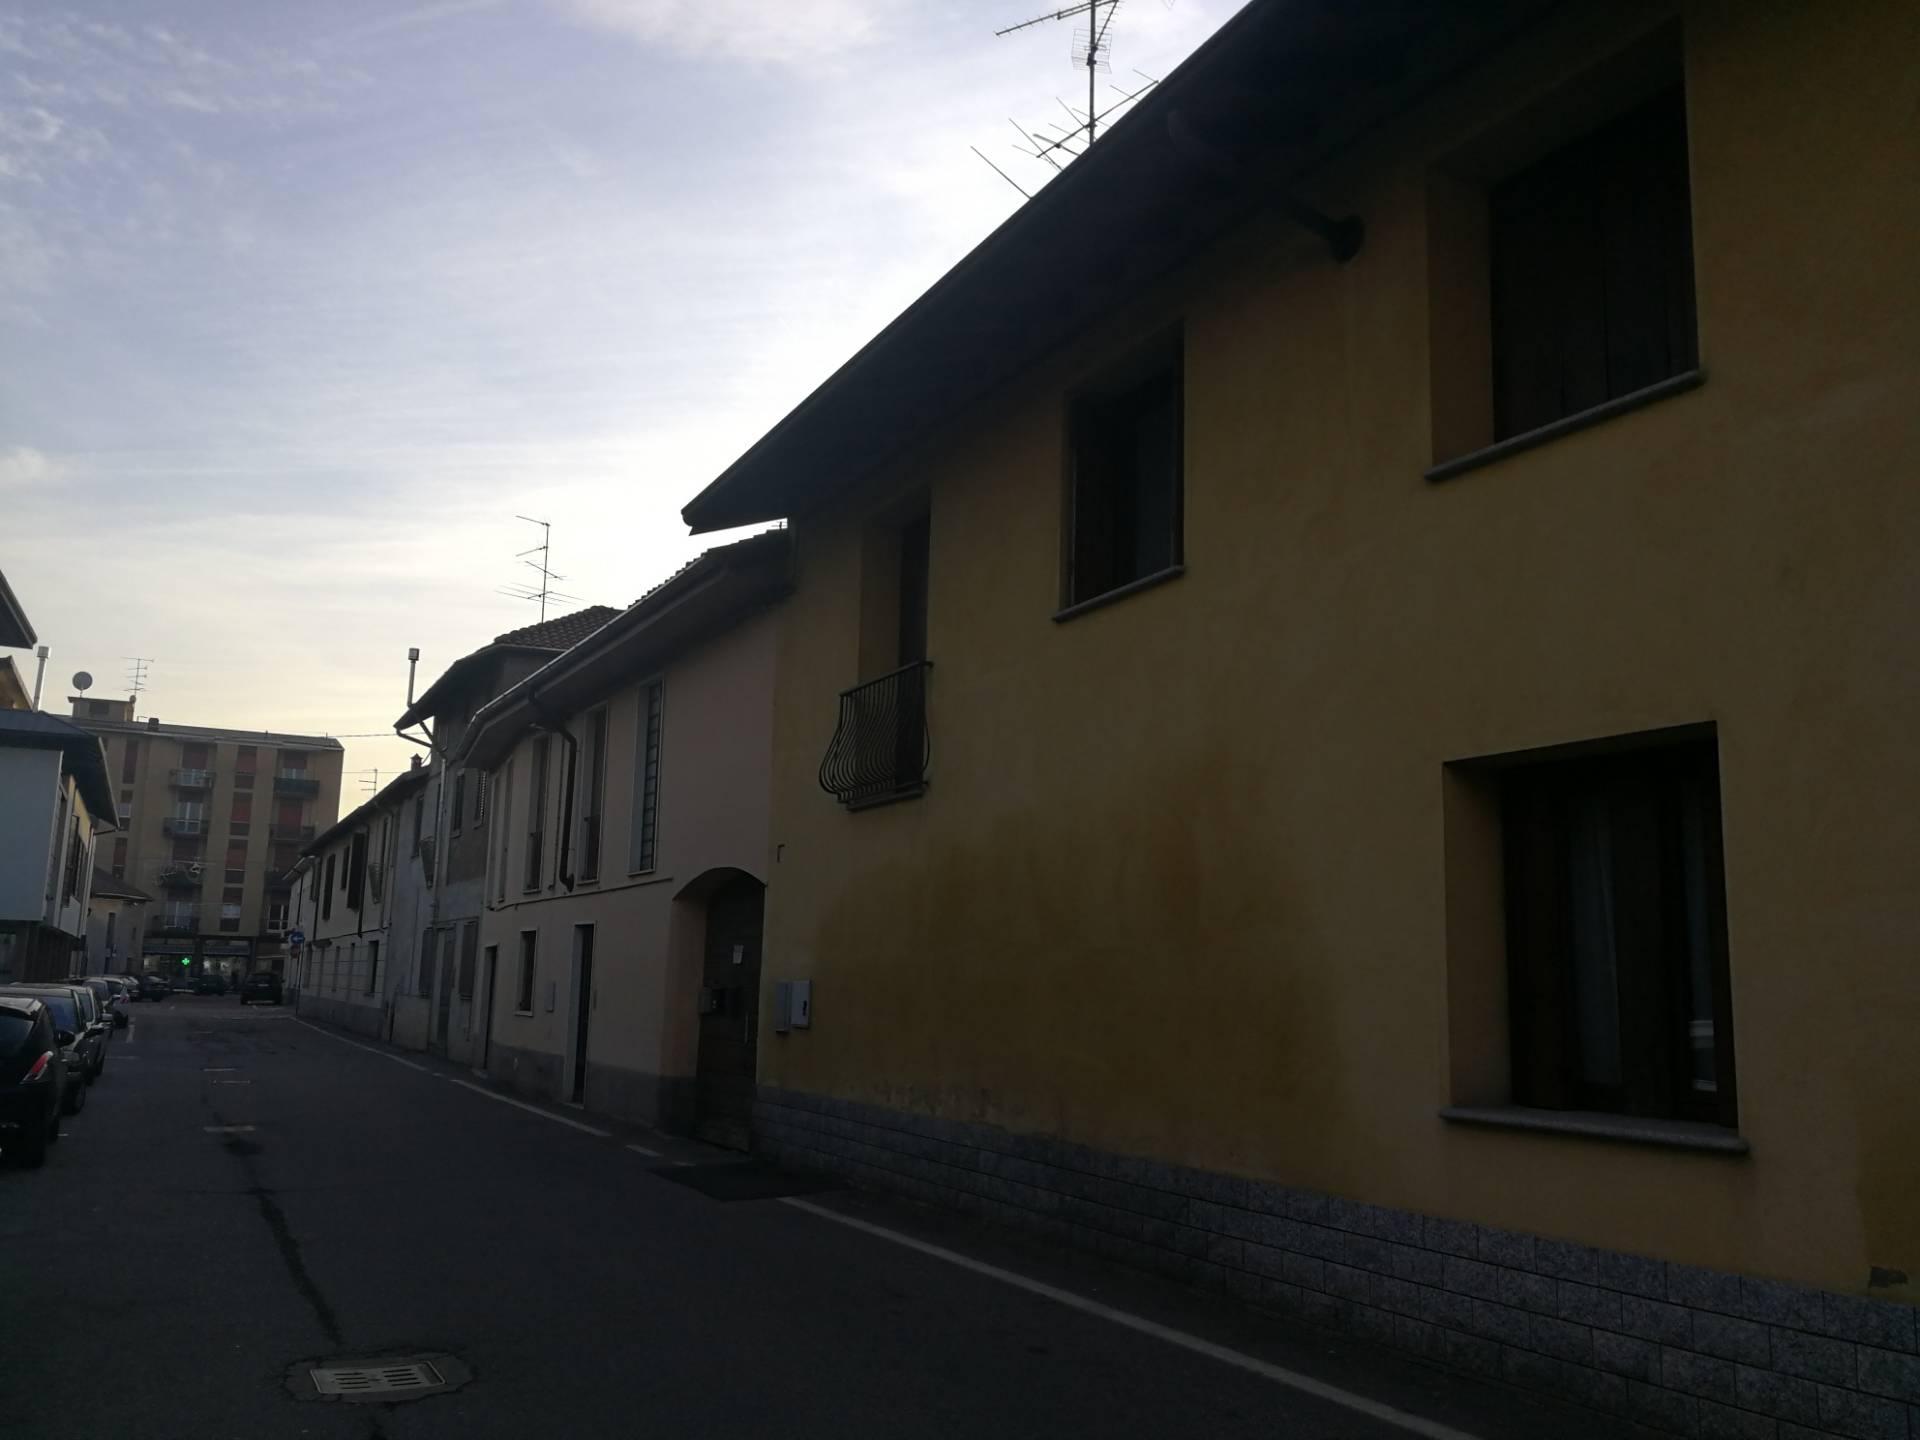 Rustico / Casale in vendita a Lonate Pozzolo, 4 locali, prezzo € 49.000 | PortaleAgenzieImmobiliari.it